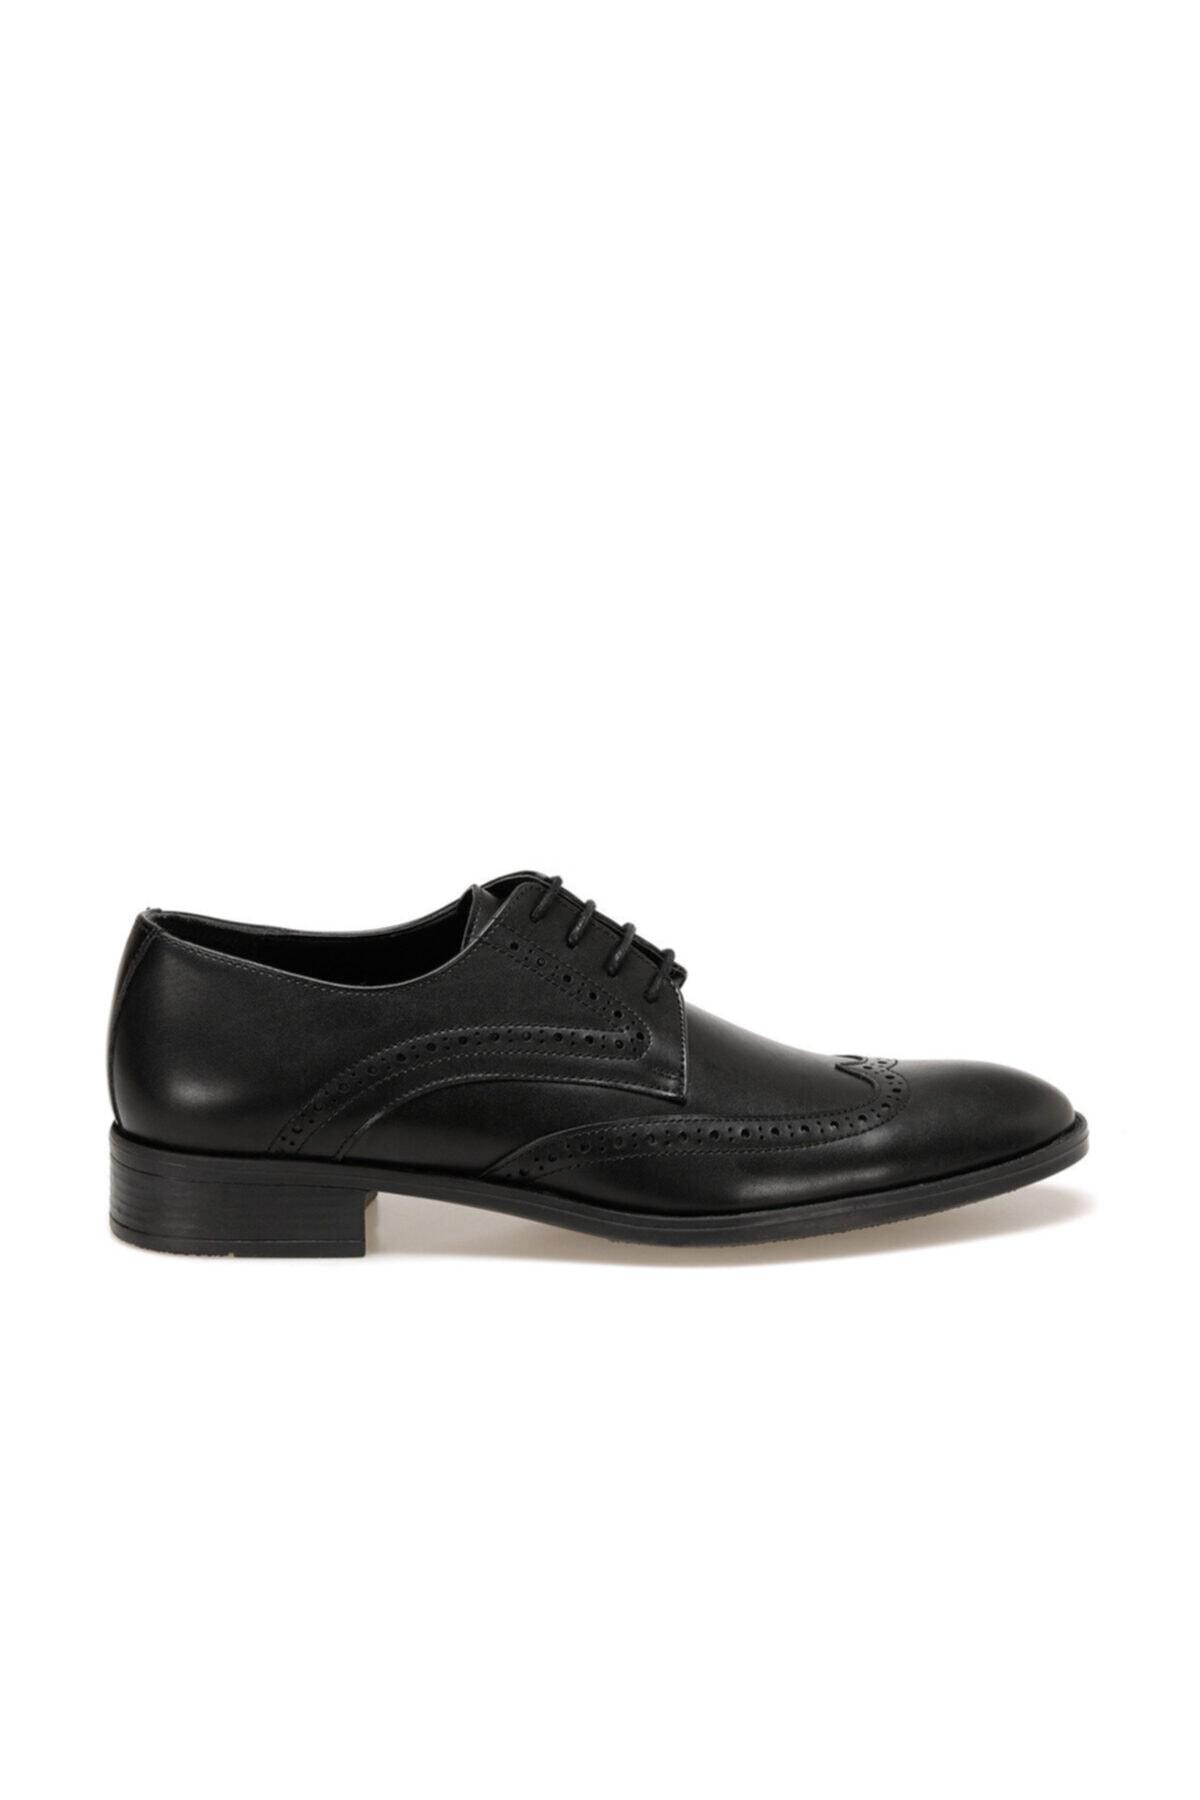 Downtown Erkek Siyah Klasik Ayakkabı 113-5 2